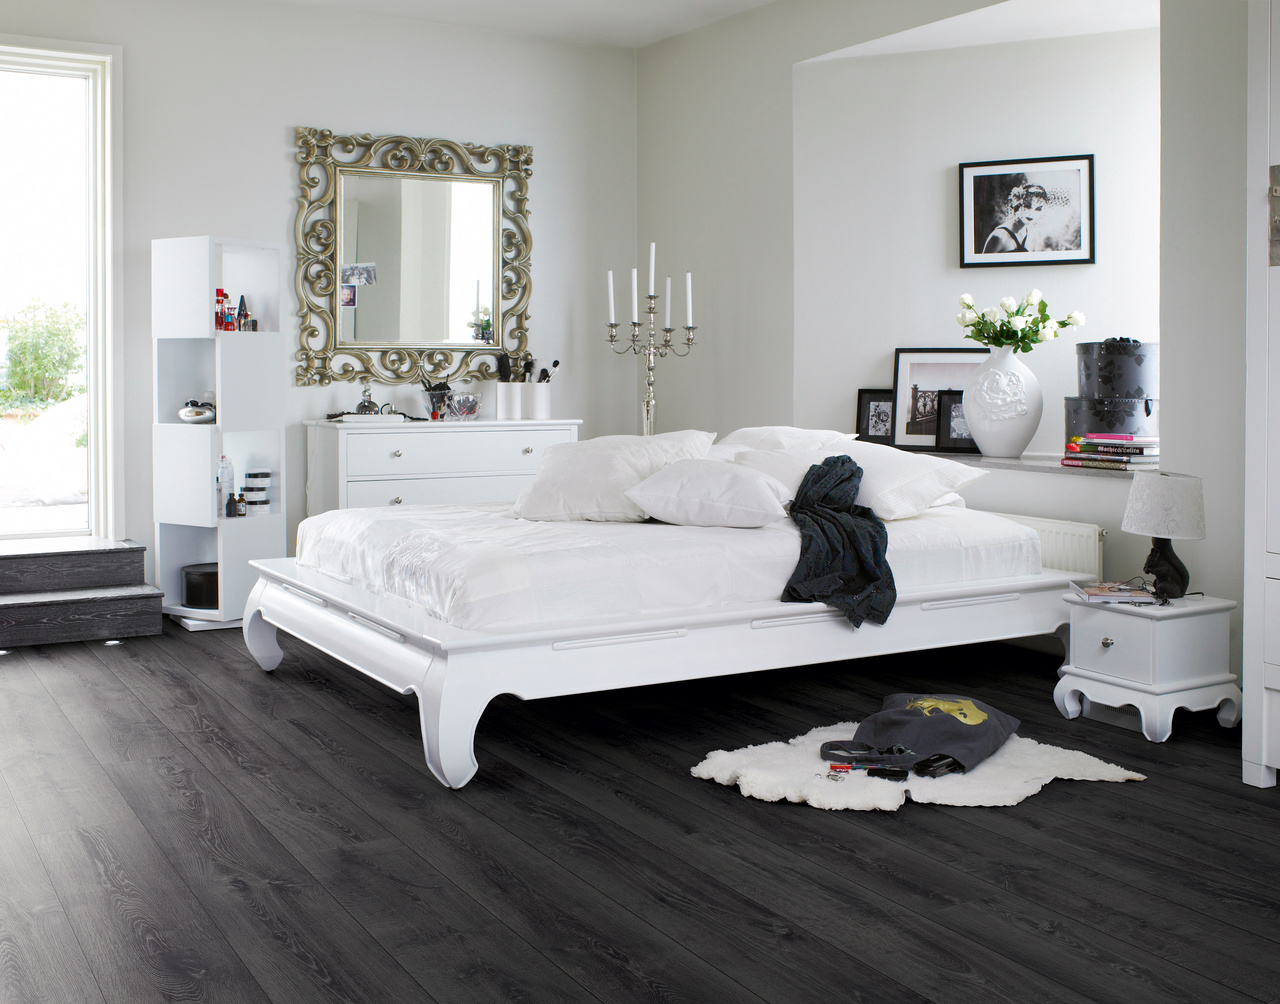 Ek möbler   inspiration och idéer till ditt hem